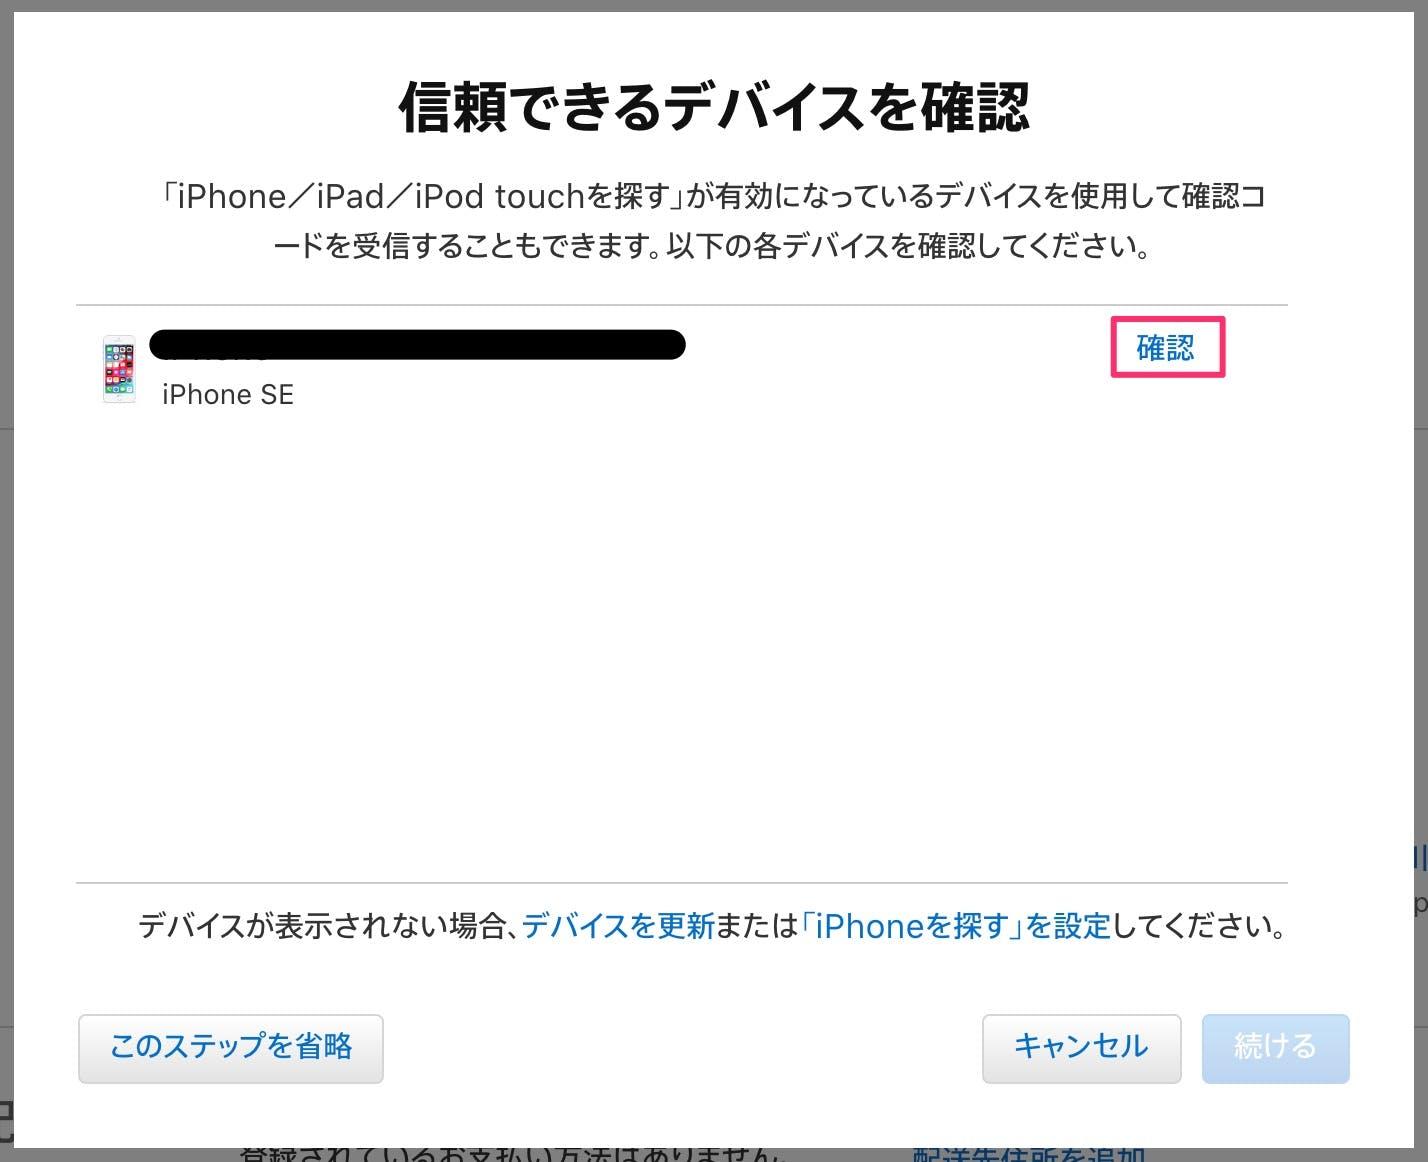 スクリーンショット_2019-09-04_13_16_52.jpg